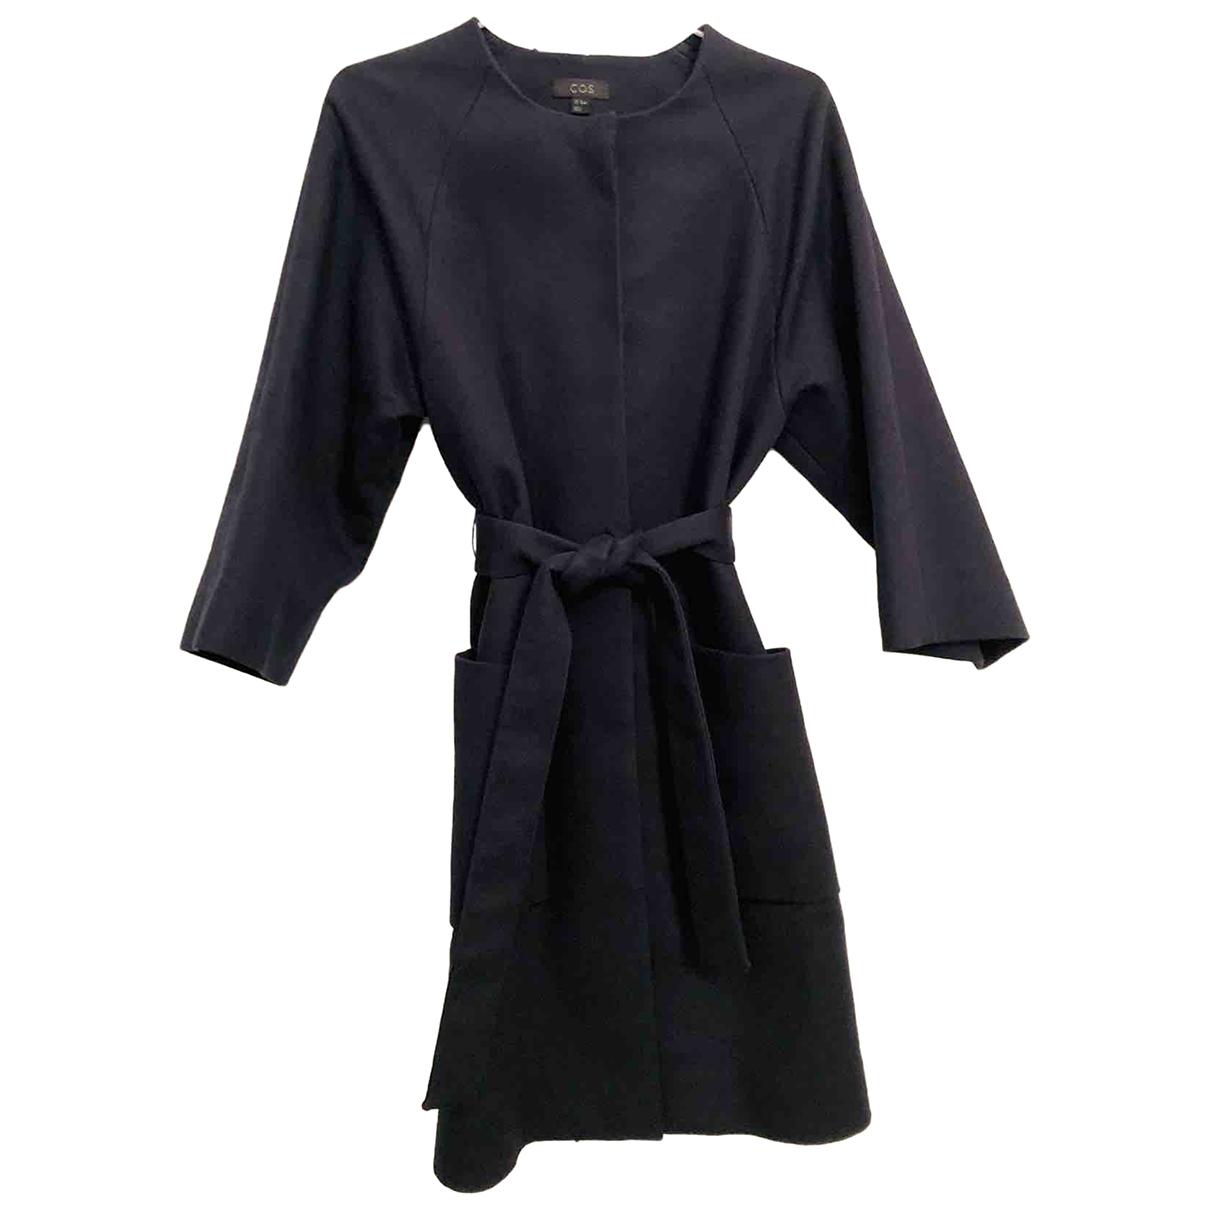 Cos \N Blue Cotton coat for Women 34 FR